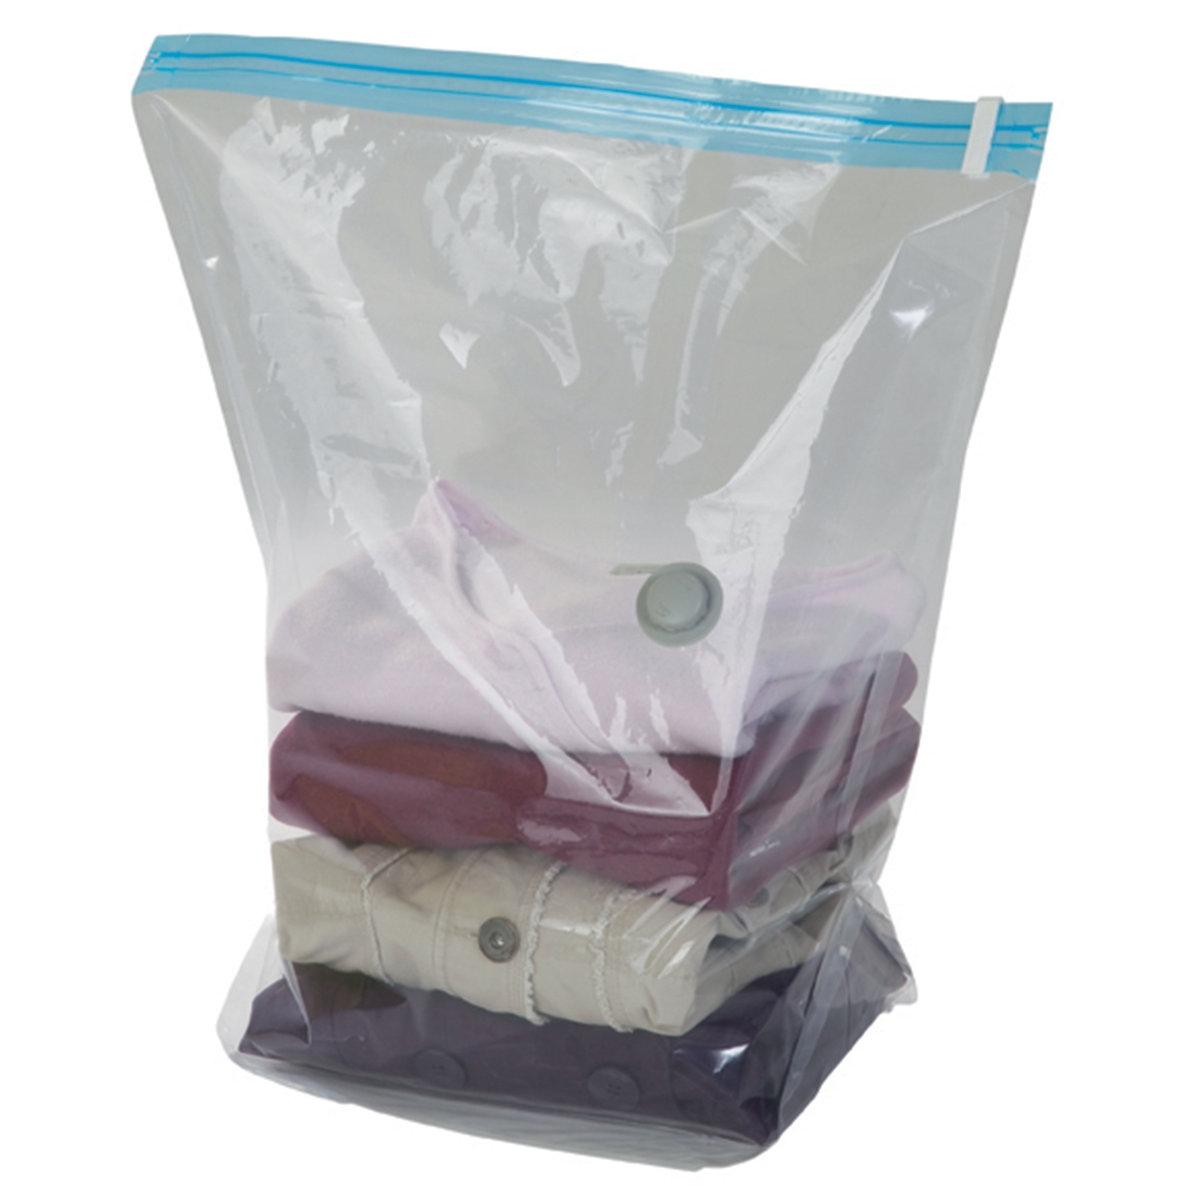 2 чехла вакуумныхКомплект из 2 защитных вакуумных чехлов. Совместимы с любой моделью пылесоса, воздух из чехла откачивается за 30 секунд. Этот вакуумный чехол позволяет на 3/4 сократить пространство для хранения предметов Вашего гардероба: пуловеров, курток... Характеристики защитных вакуумных чехлов:выполнены из прозрачного полиэтилена и акрилового волокна.Имеются крючки для удобного хранения в шкафу и цветной вкладыш для быстрой идентификации.Антивозвратный клапан.Вакуумные чехлы совместимы с любой моделью пылесоса.Размер 1 защитного вакуумного чехла:Разм. Д. 50 x Г. 27 x В. 60 см.<br><br>Цвет: бесцветный